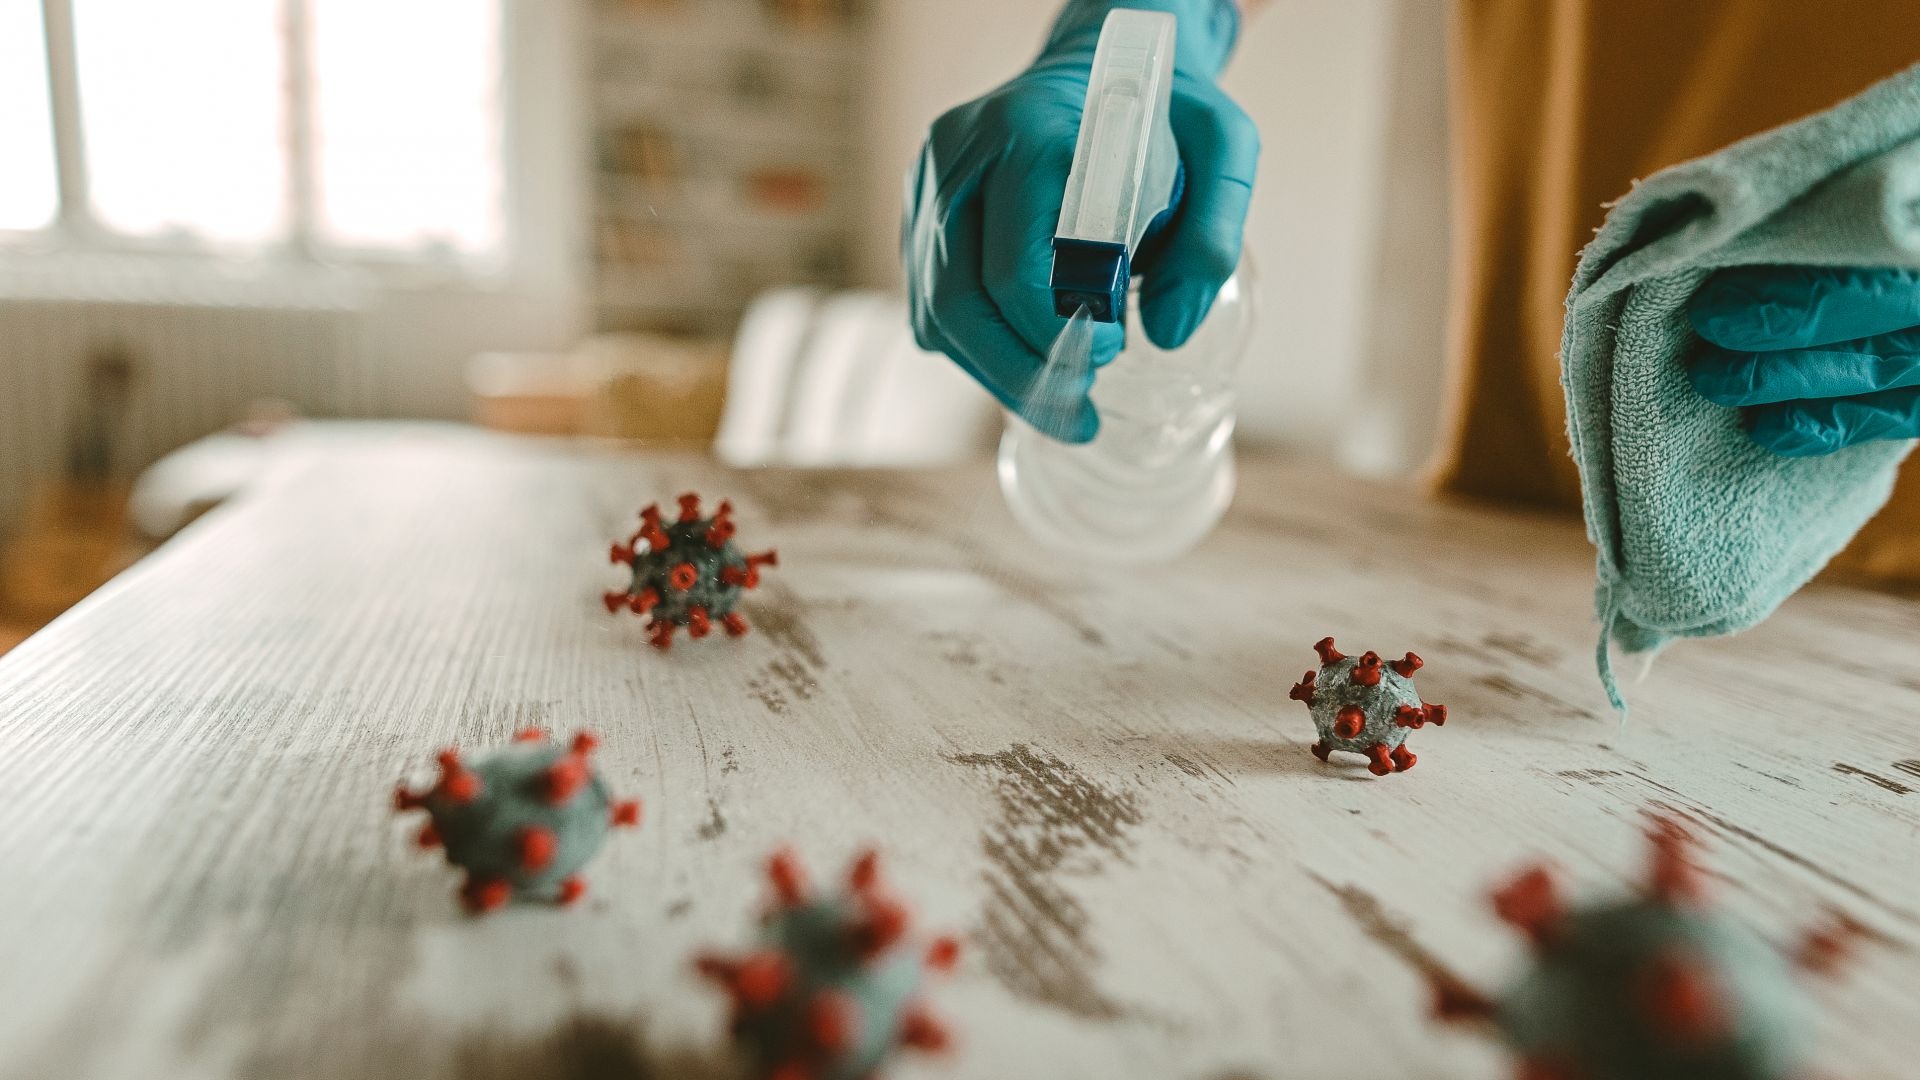 Най-добрата дезинфекция - чистете приоритетно повърхностите, които пипате